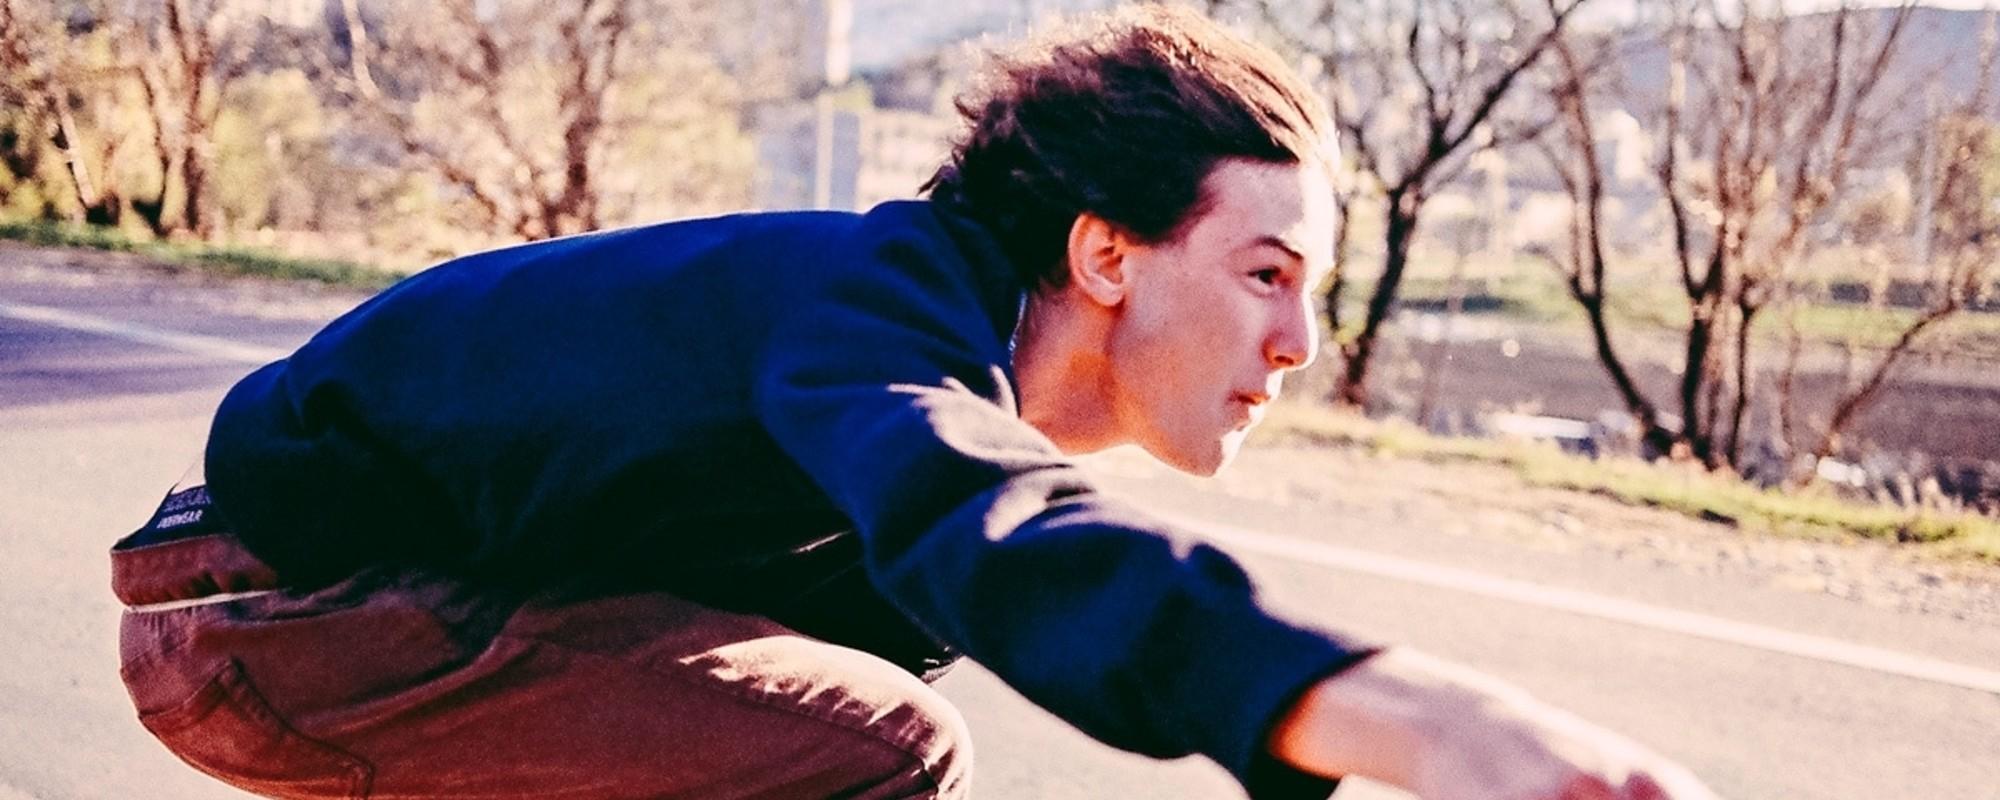 O skate na Georgia pós-soviética é uma mensagem de liberdade